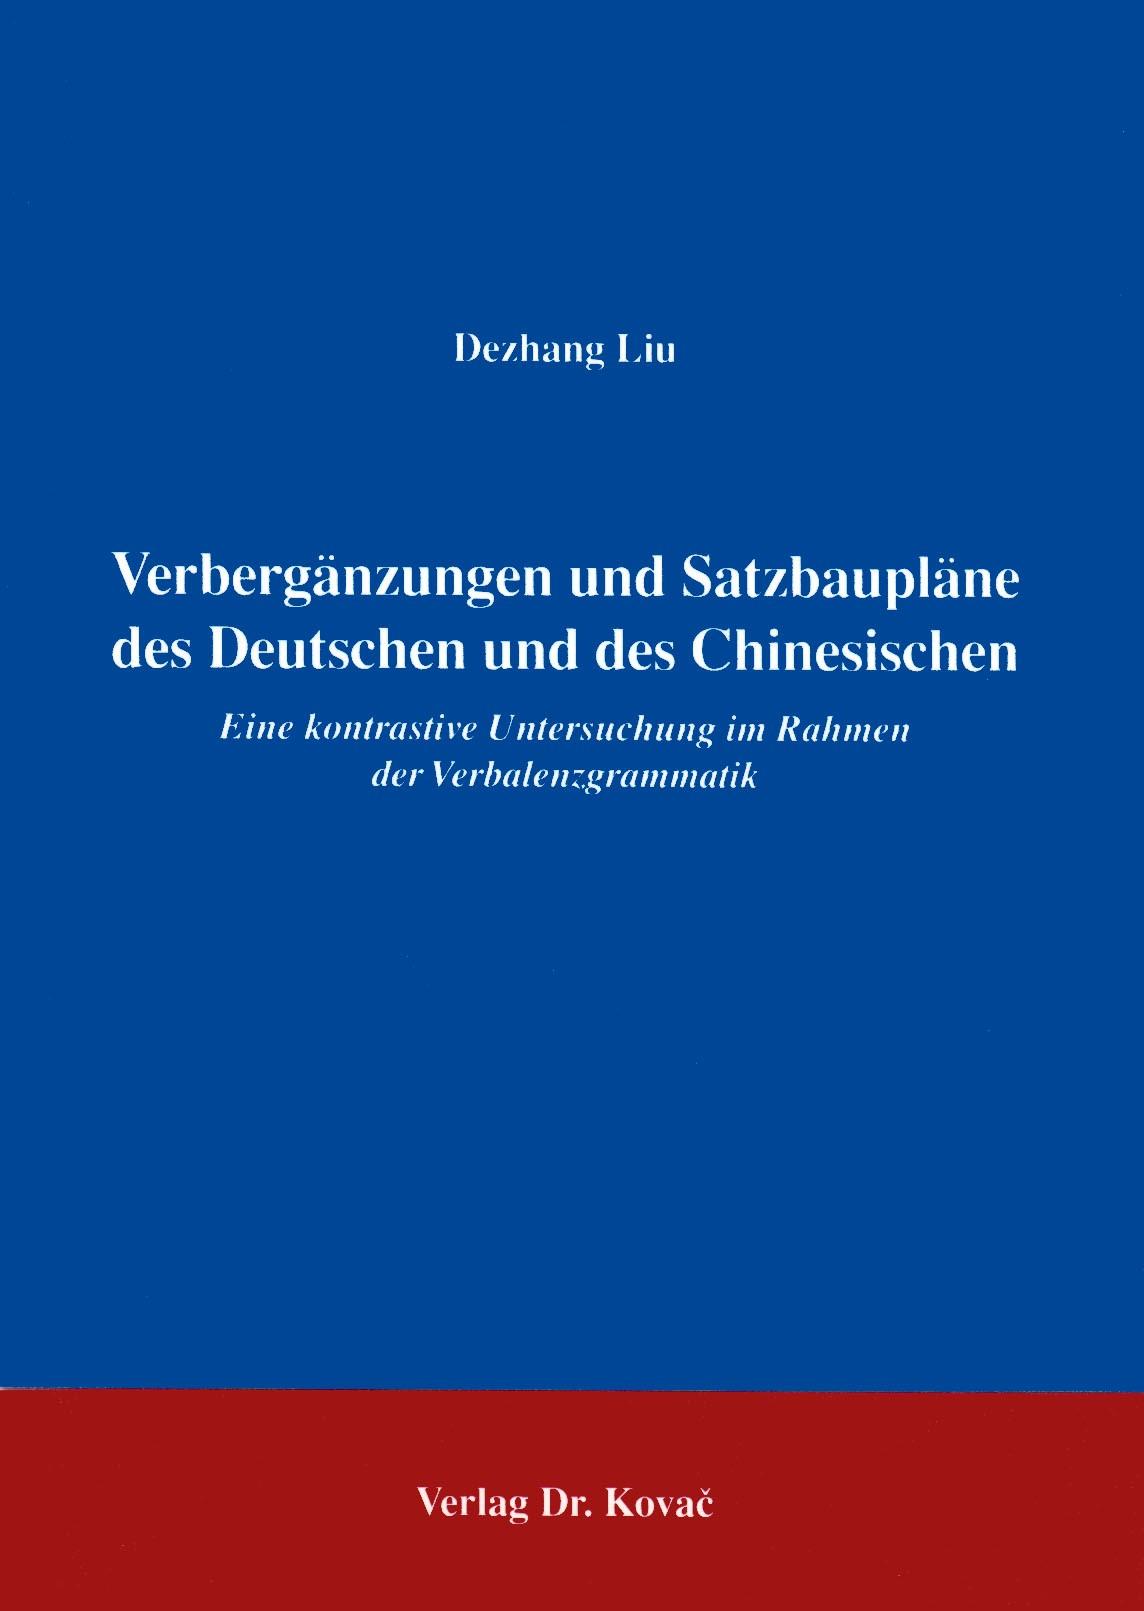 Verbergänzungen und Satzbaupläne des Deutschen und des Chinesischen | Liu, 1996 | Buch (Cover)